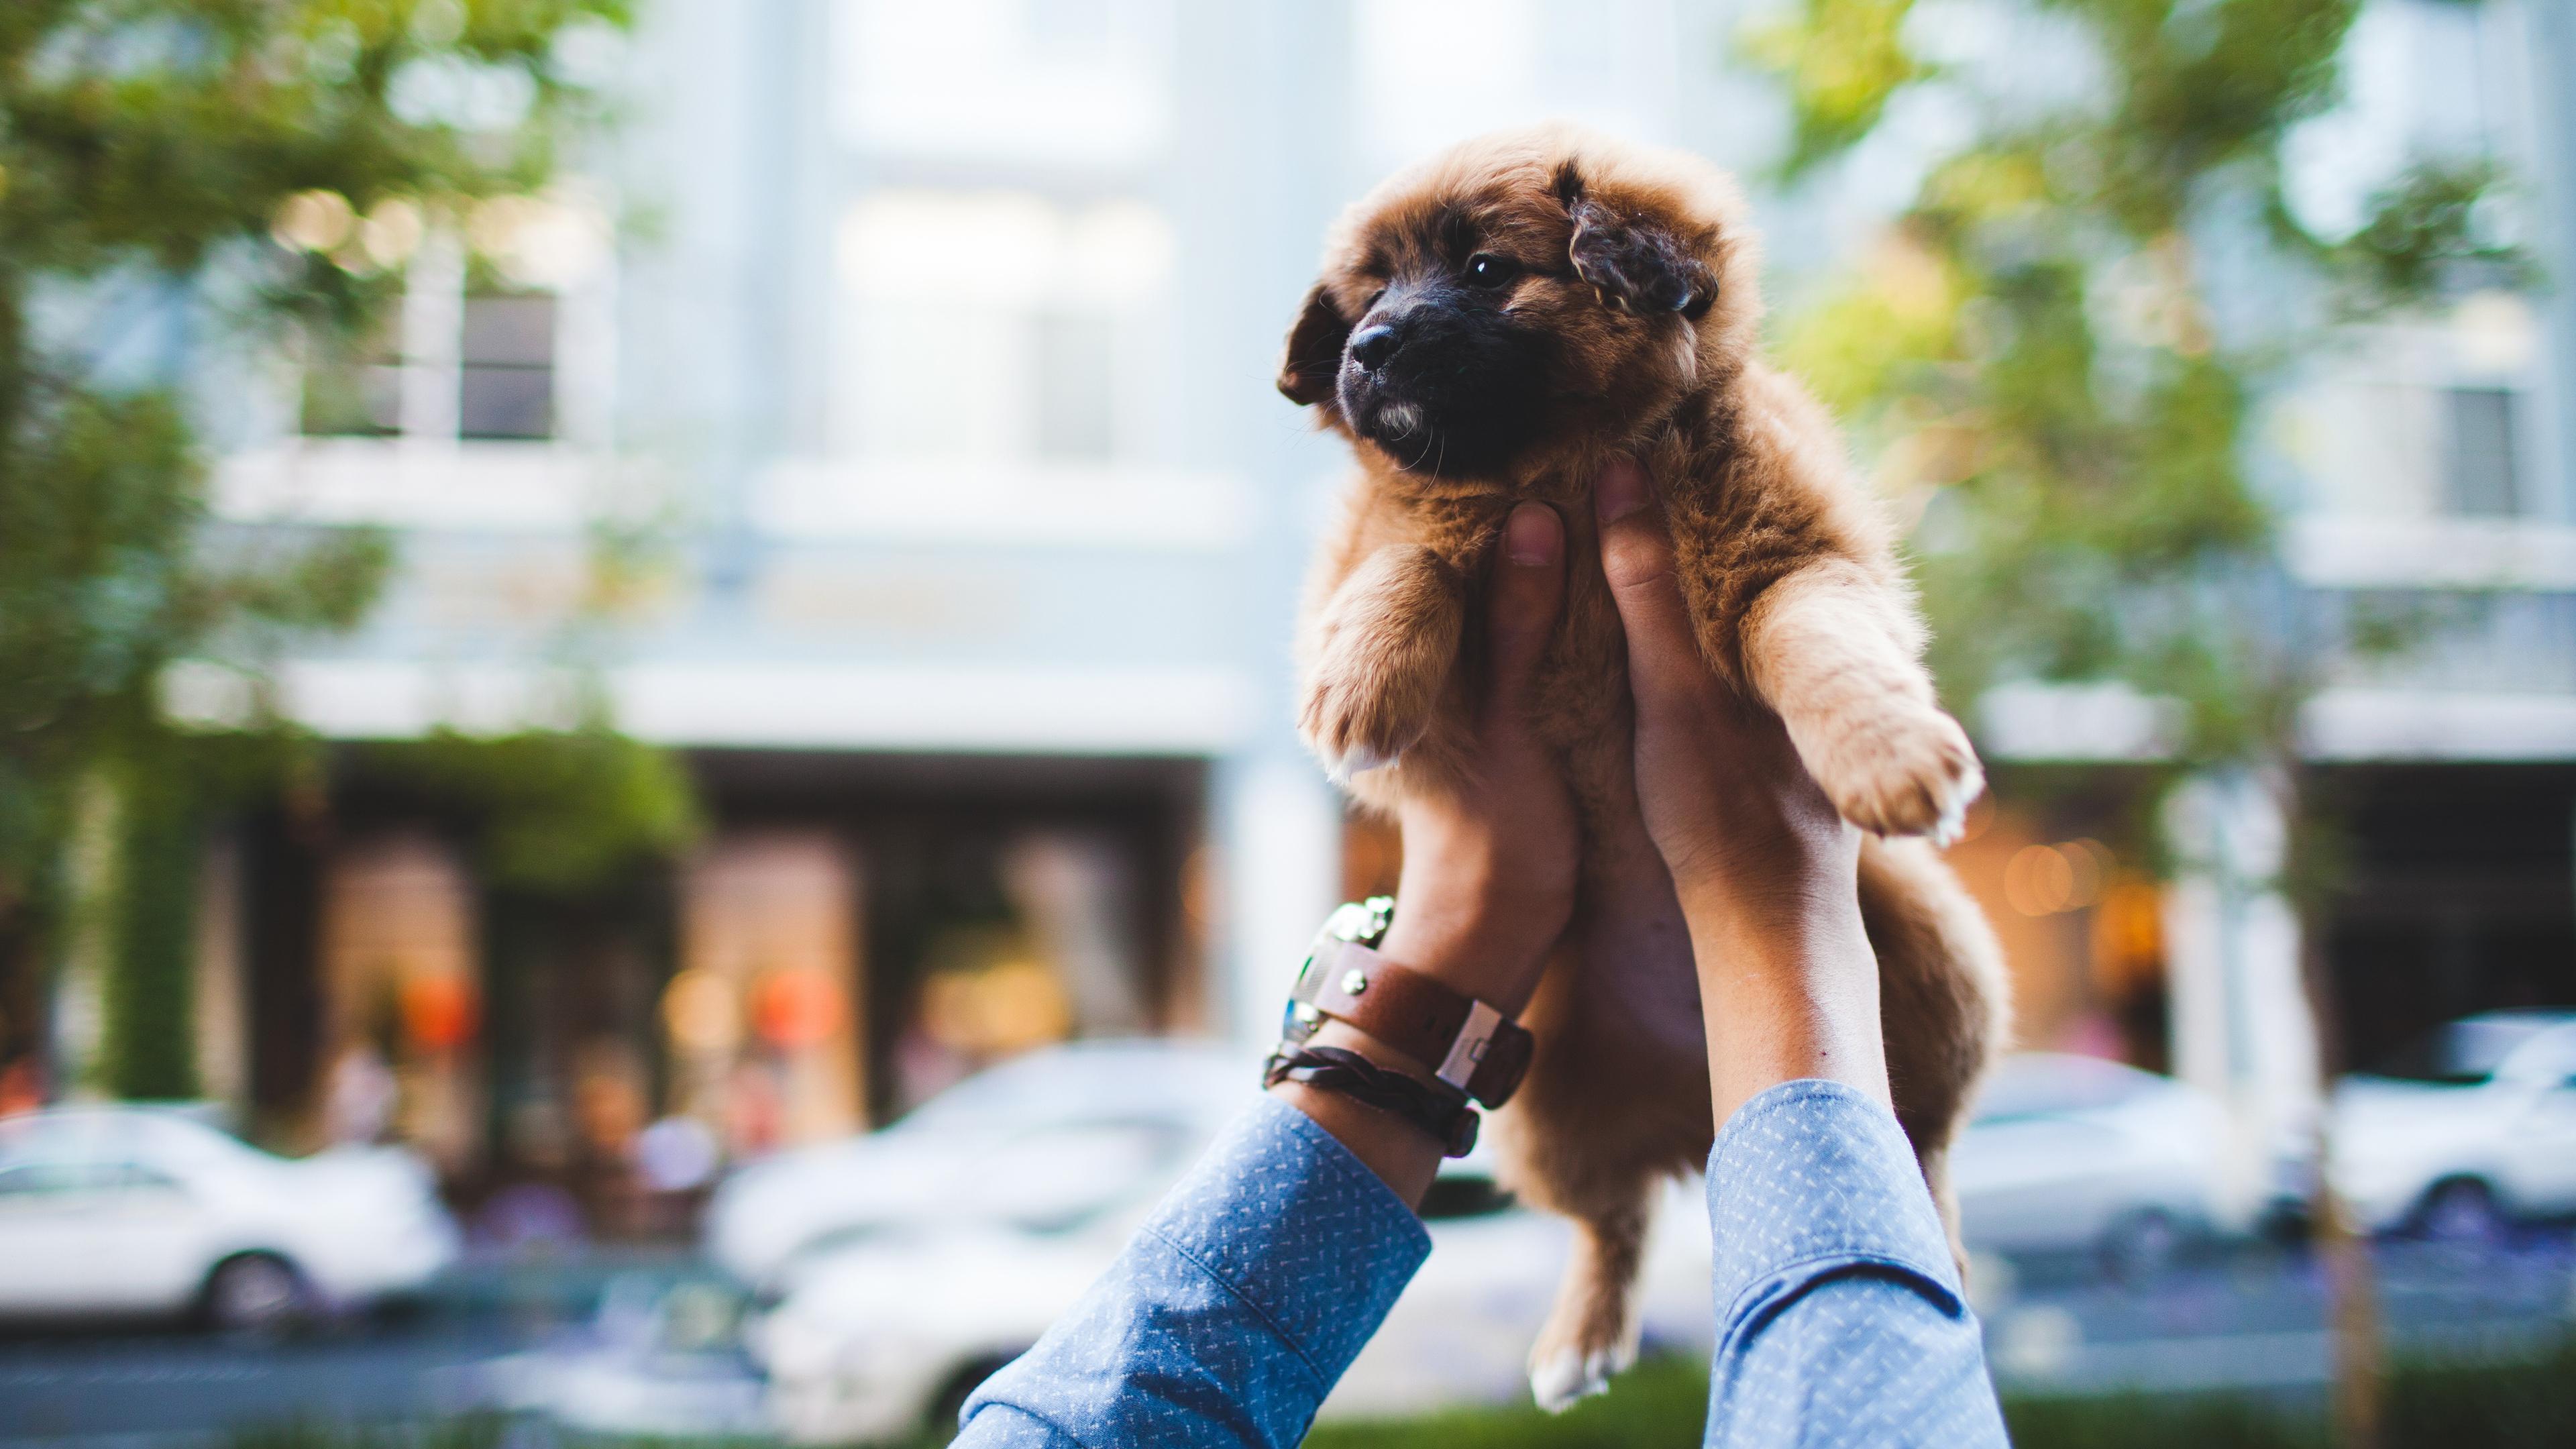 Устойчивость к антибиотикам может передаваться от собак их владельцам